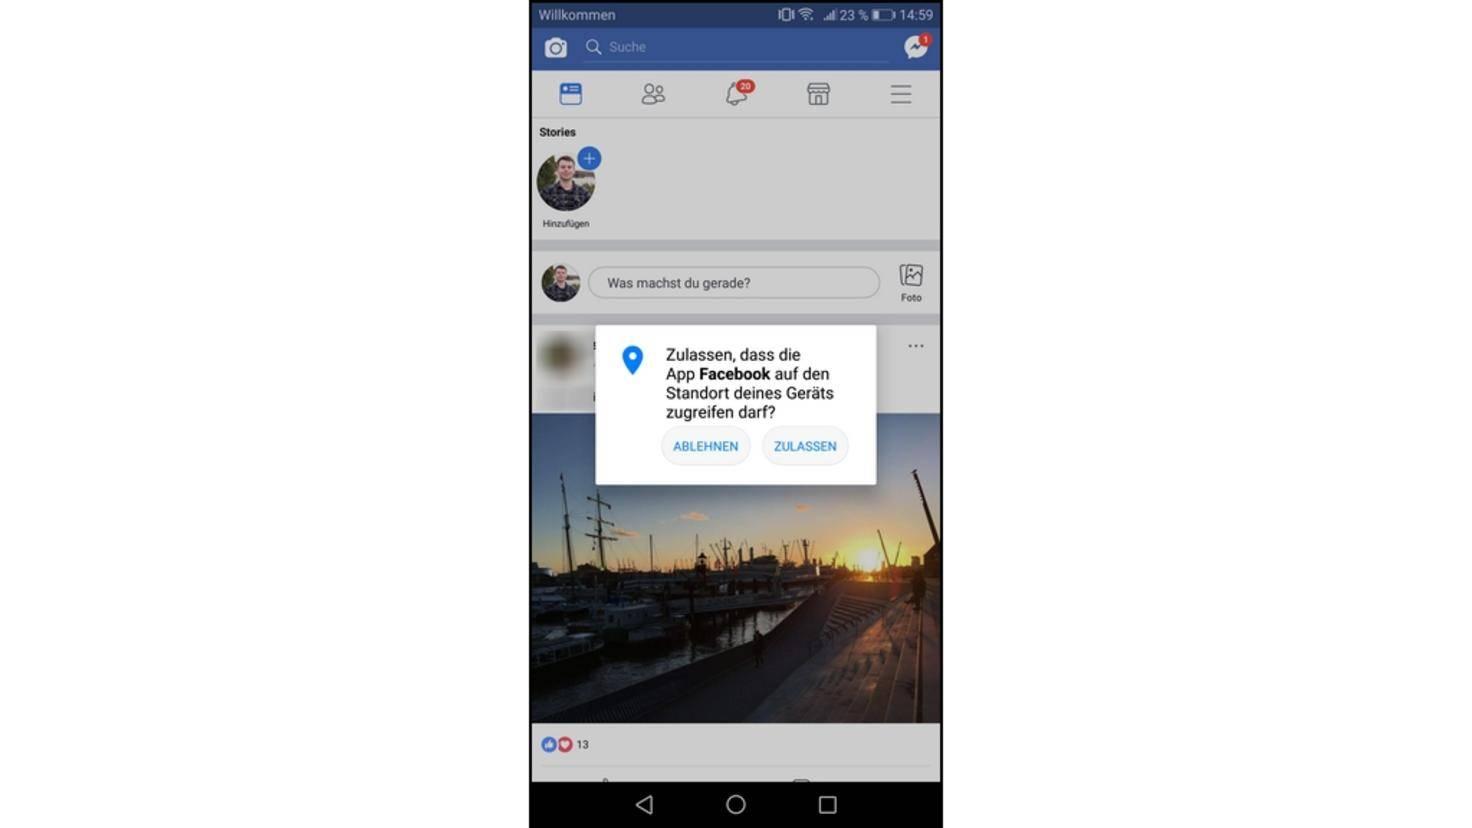 Facebook-Mobile-Screenshot-02